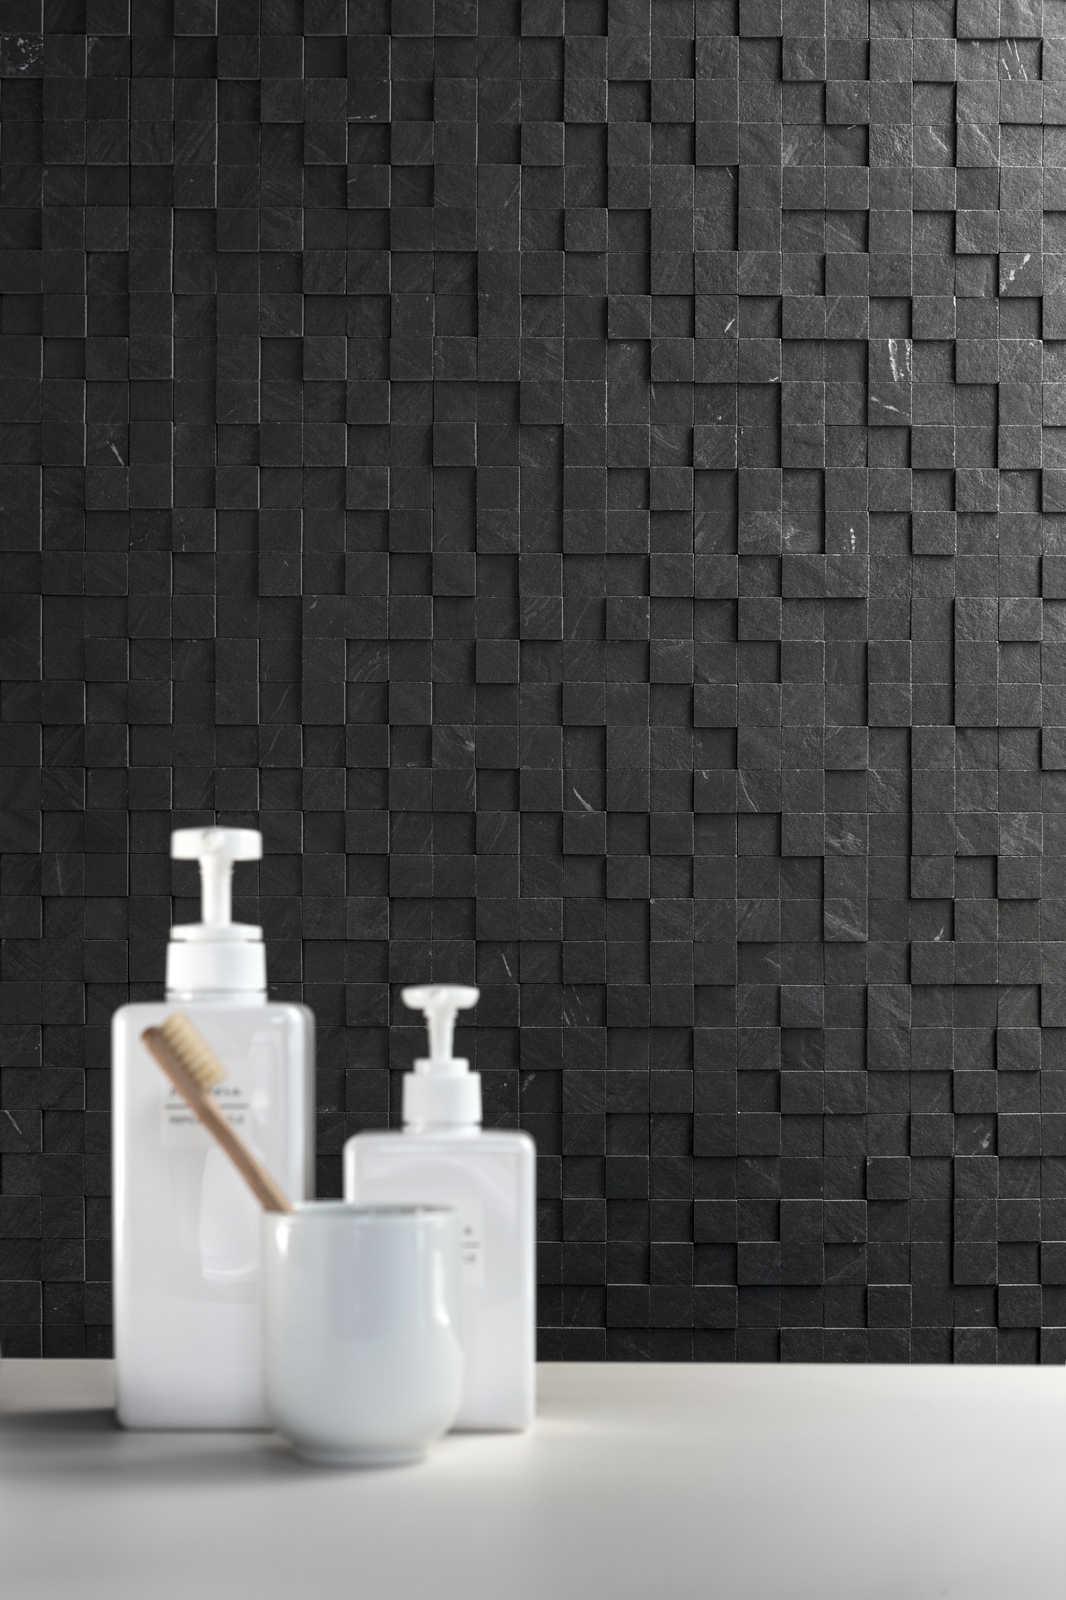 Piastrelle a mosaico per bagno e altri ambienti marazzi for Piastrelle mosaico bagno adesive